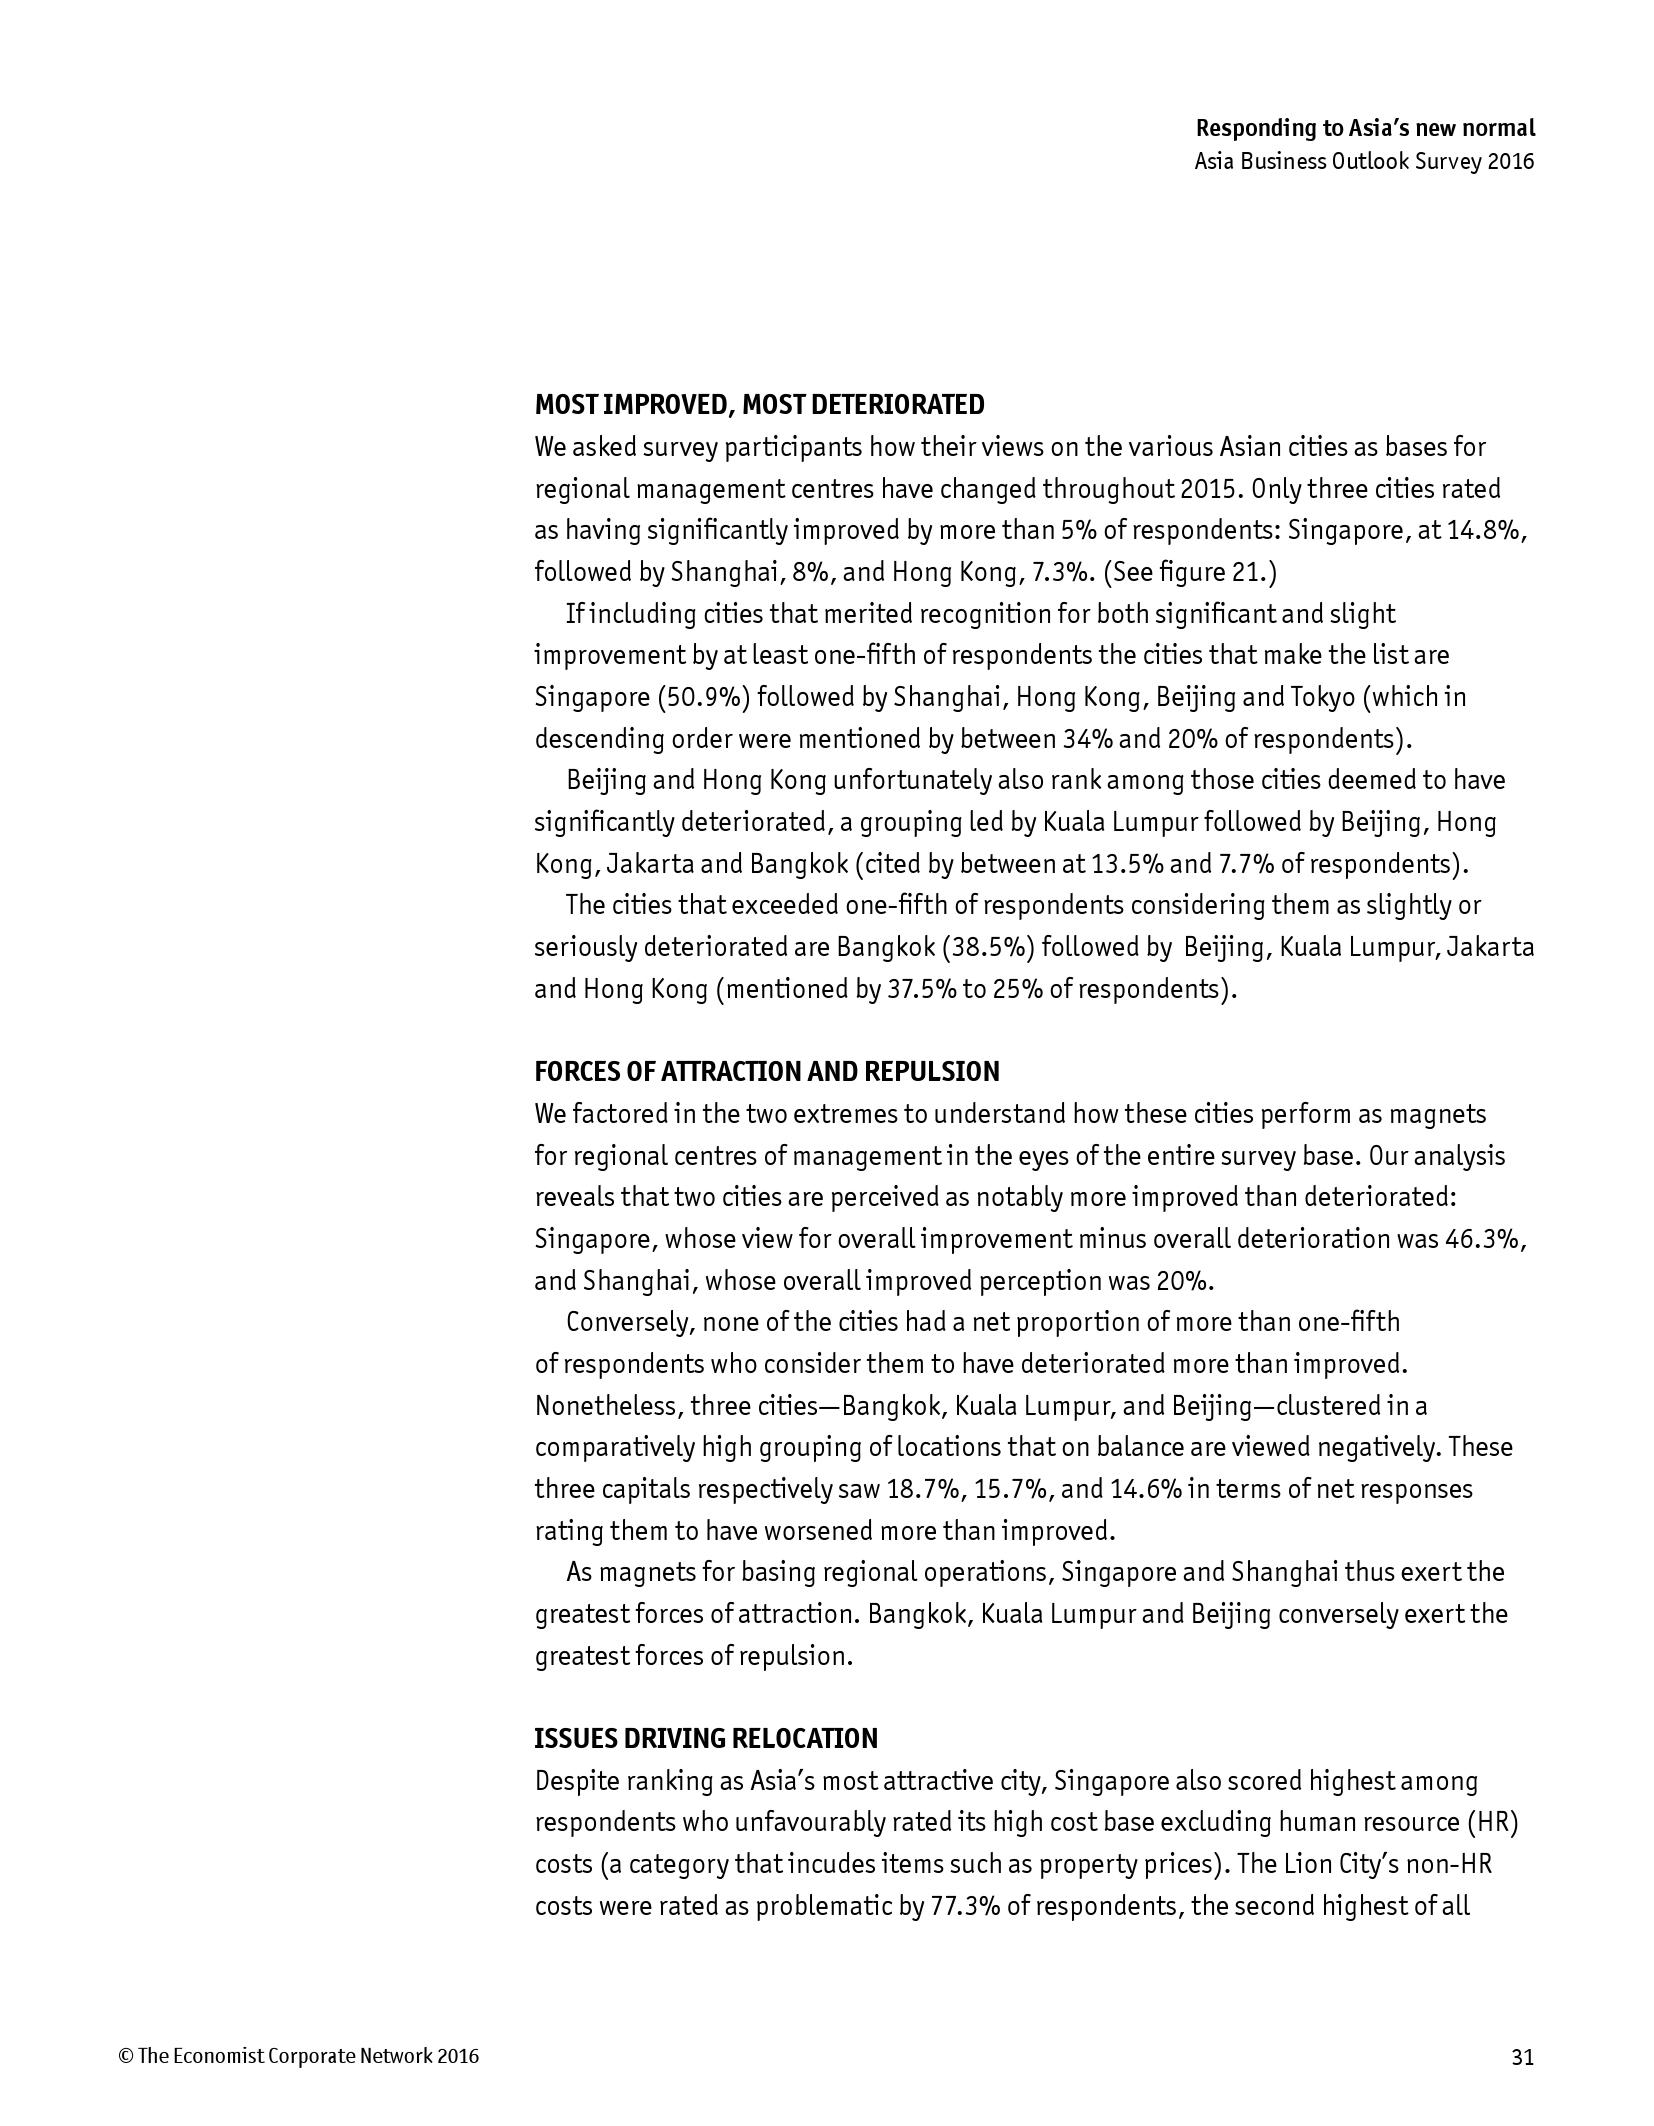 2016年亚洲商业展望调查报告_000033